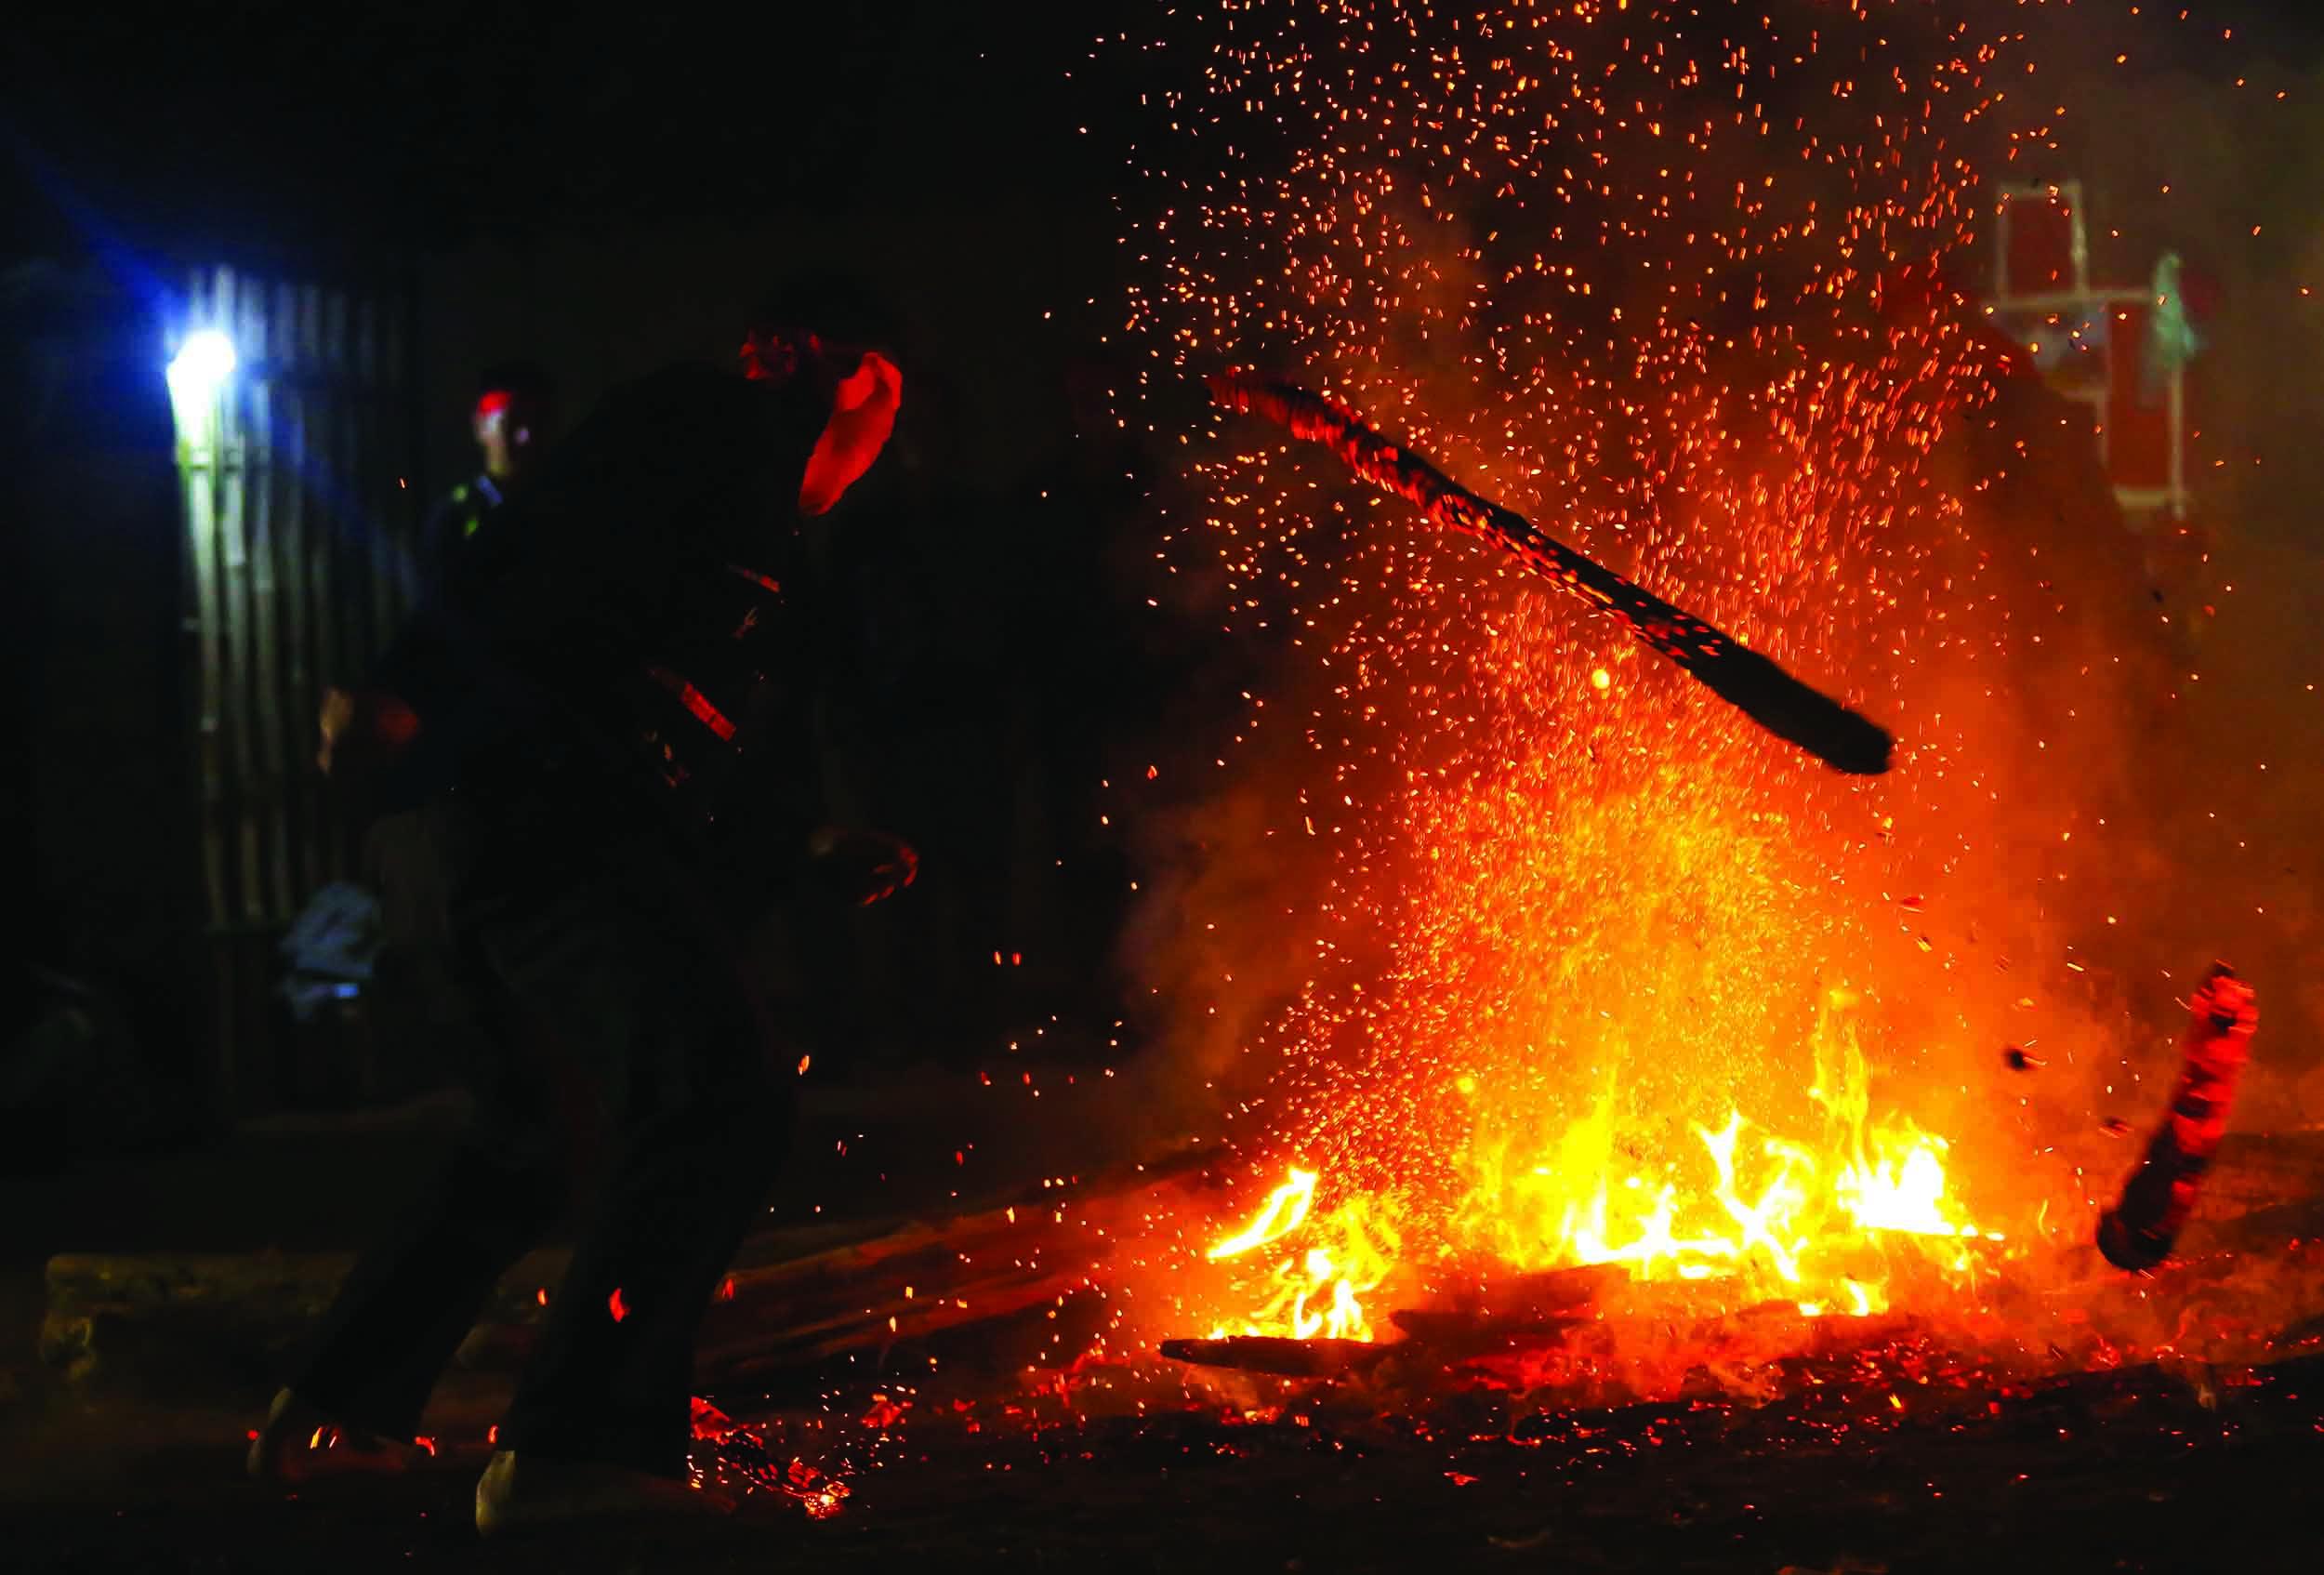 Những người đàn ông dân tộc Dao nhảy vào lửa bằng chân trần nhưng không bị bỏng.